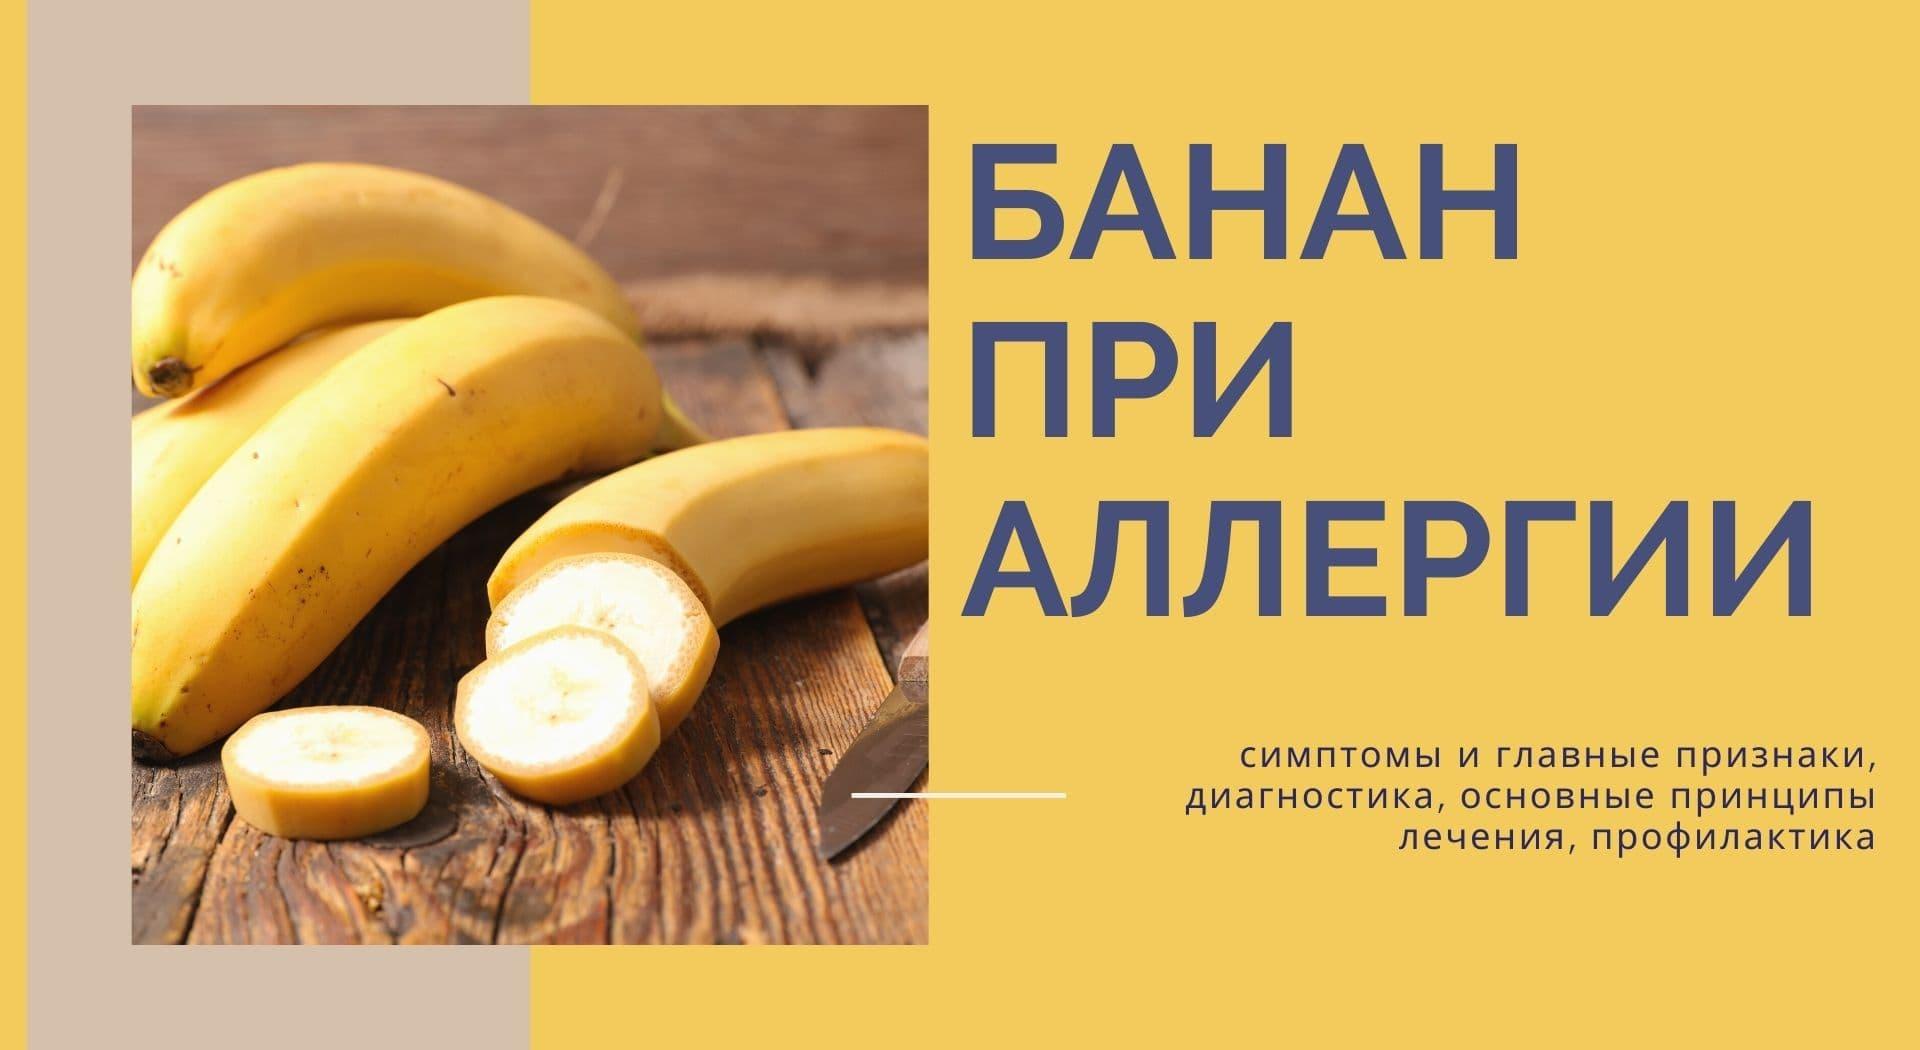 Банан при аллергии: симптомы и главные признаки, диагностика, основные принципы лечения, профилактика